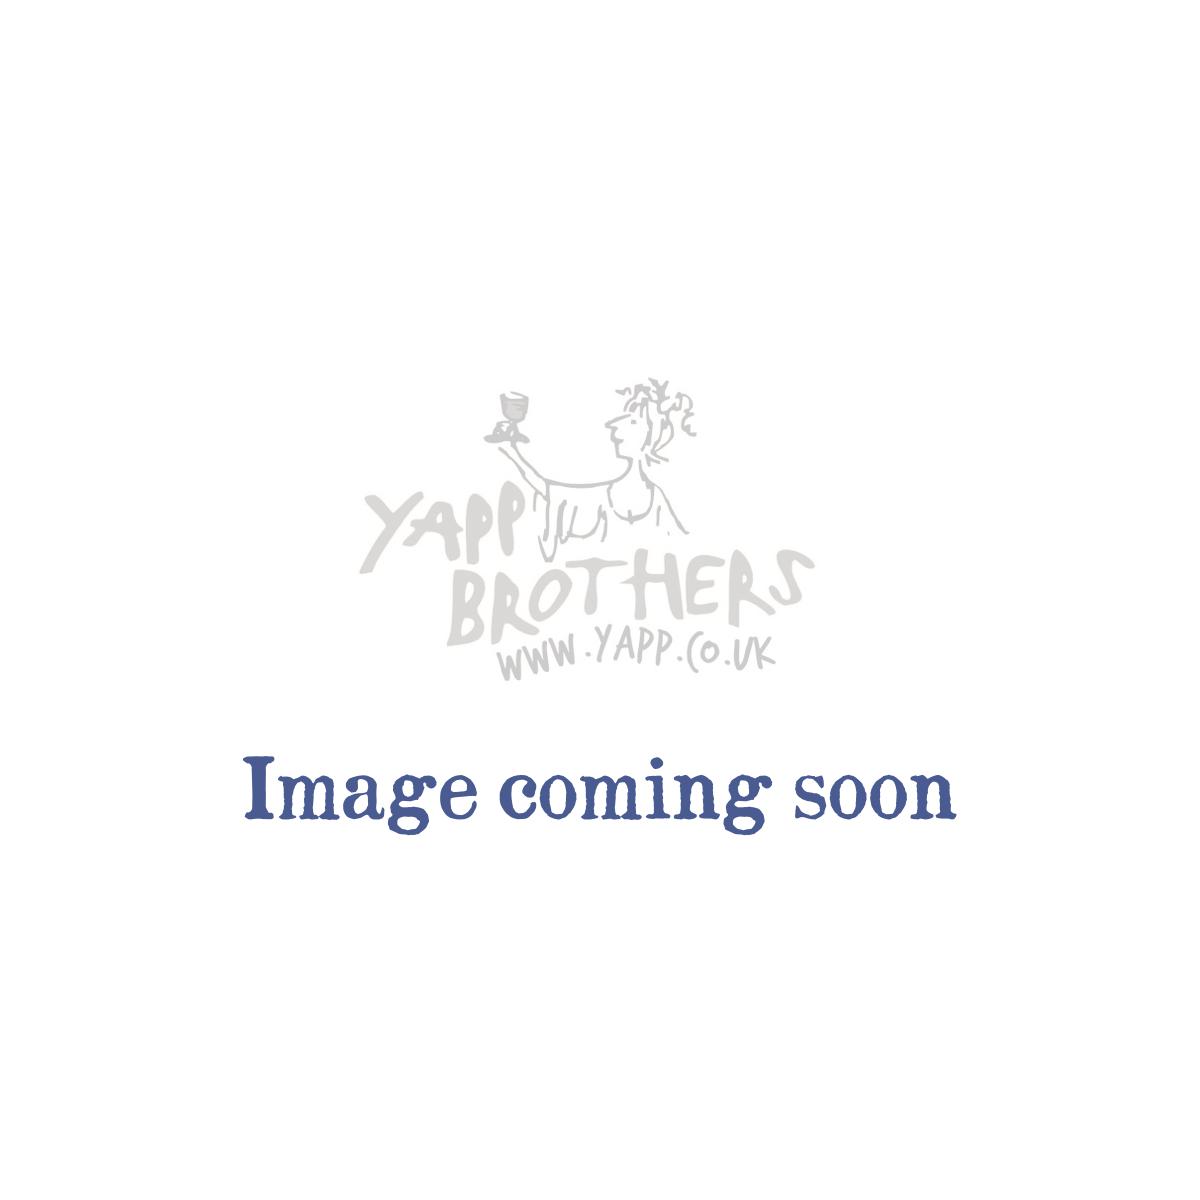 Condrieu: Domaine Georges Vernay 'Les Terrasses de l'Empire' 2020 - Bottle Rear Label